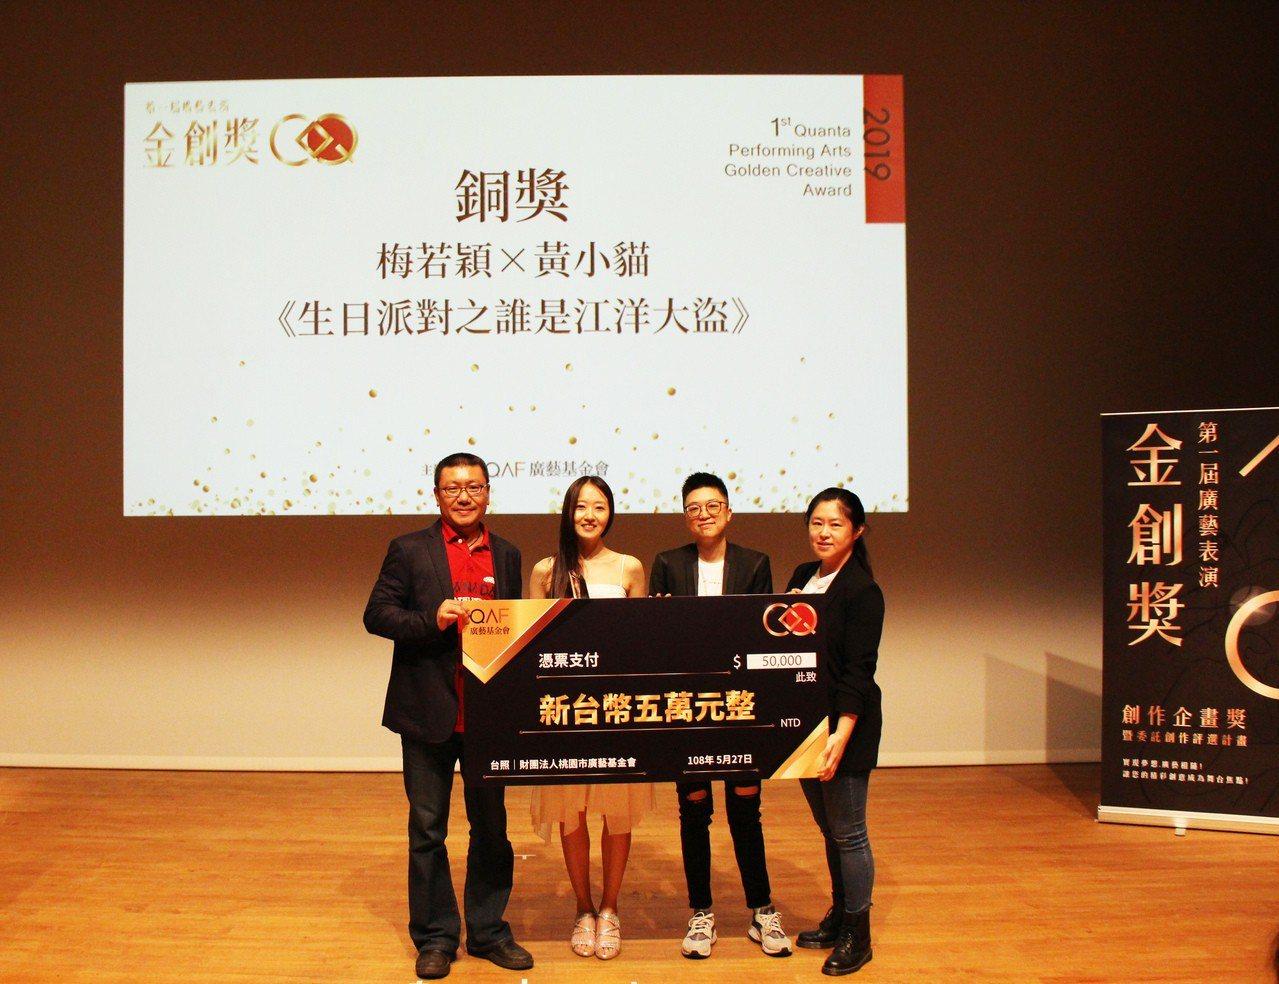 梅若穎與黃小貓一同創作的《生日派對之誰是江洋大盜》獲得銅獎 廣藝基金會